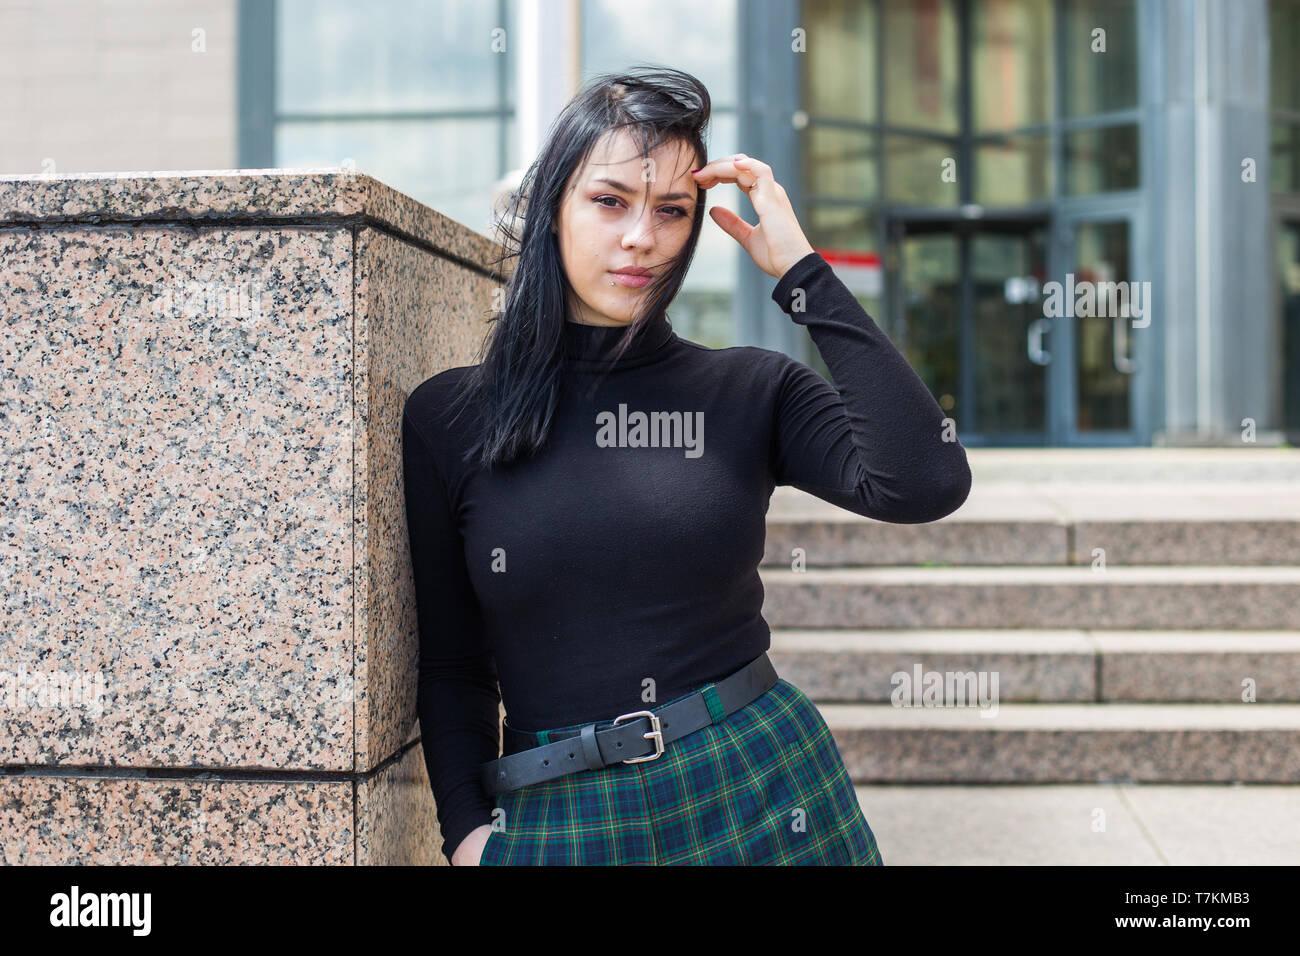 Joven en camisa negra y pelo negro de pie en frente del edificio de oficinas, de medio cuerpo, confianza Imagen De Stock